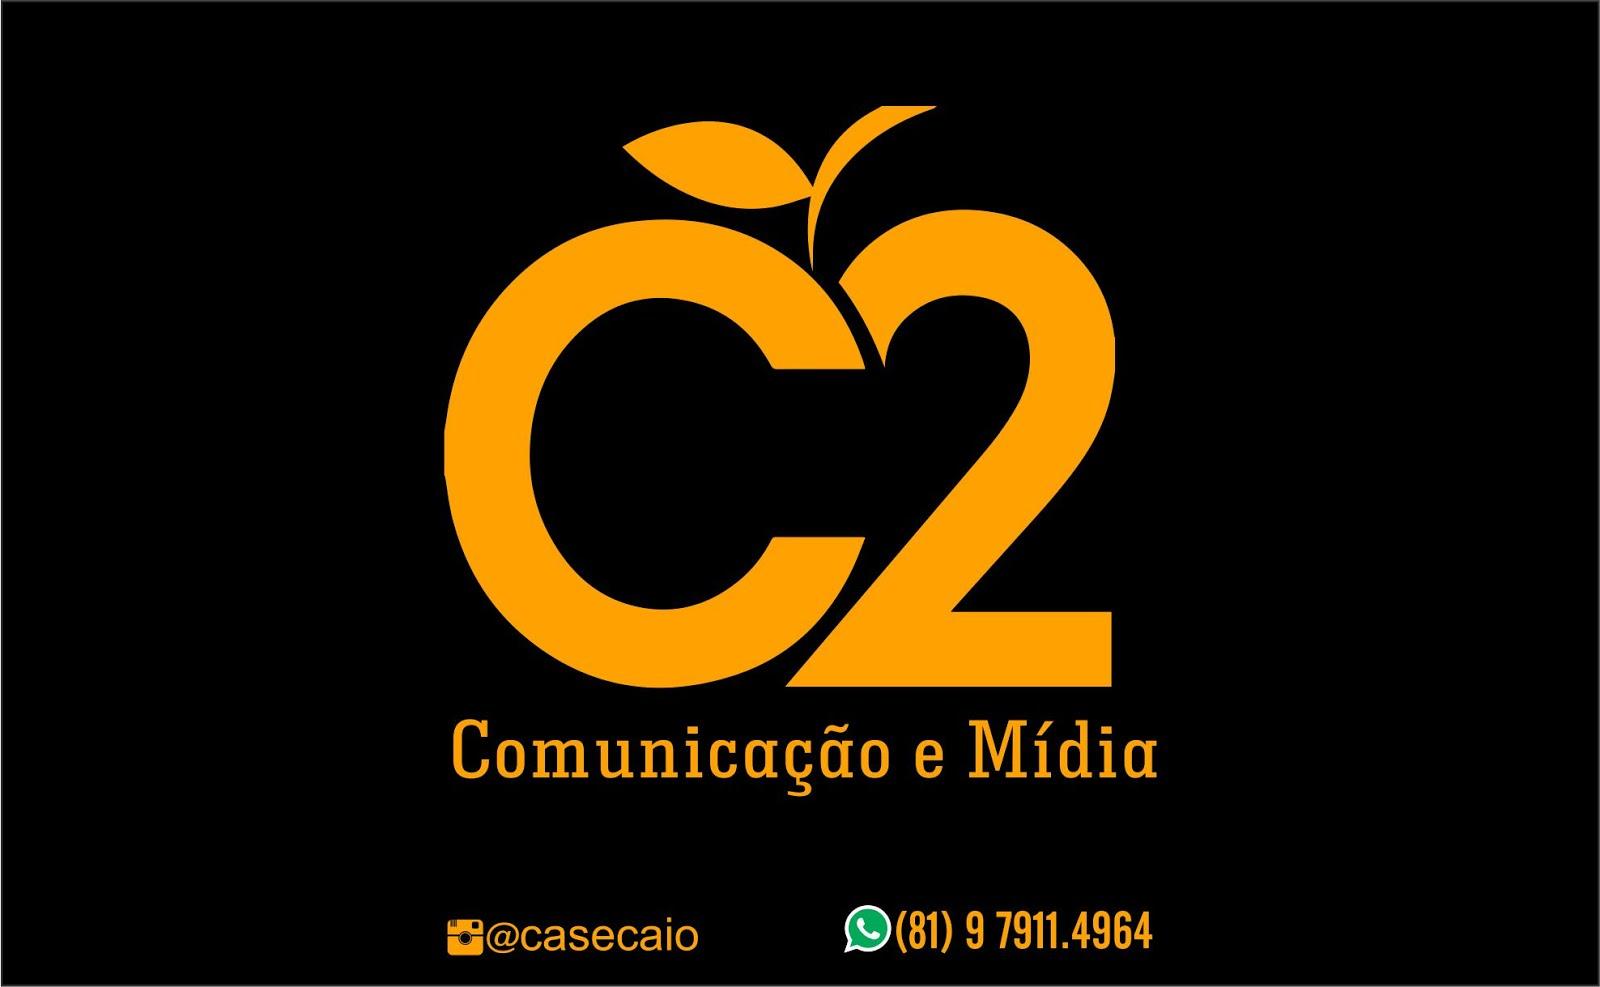 C2 Comunicação e Mídia